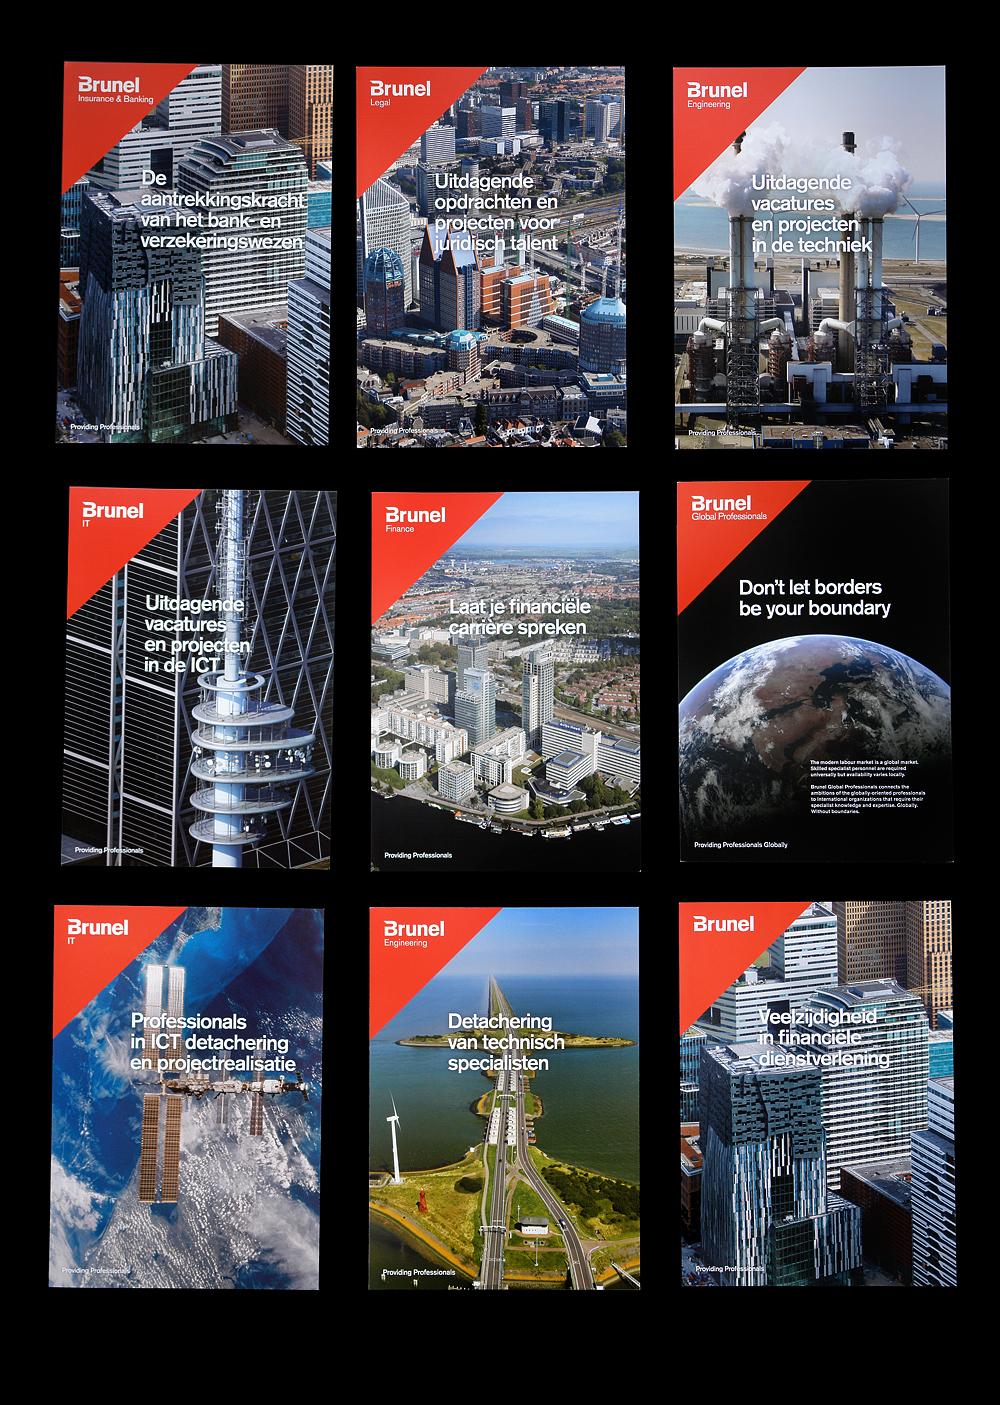 Brunel Brochures